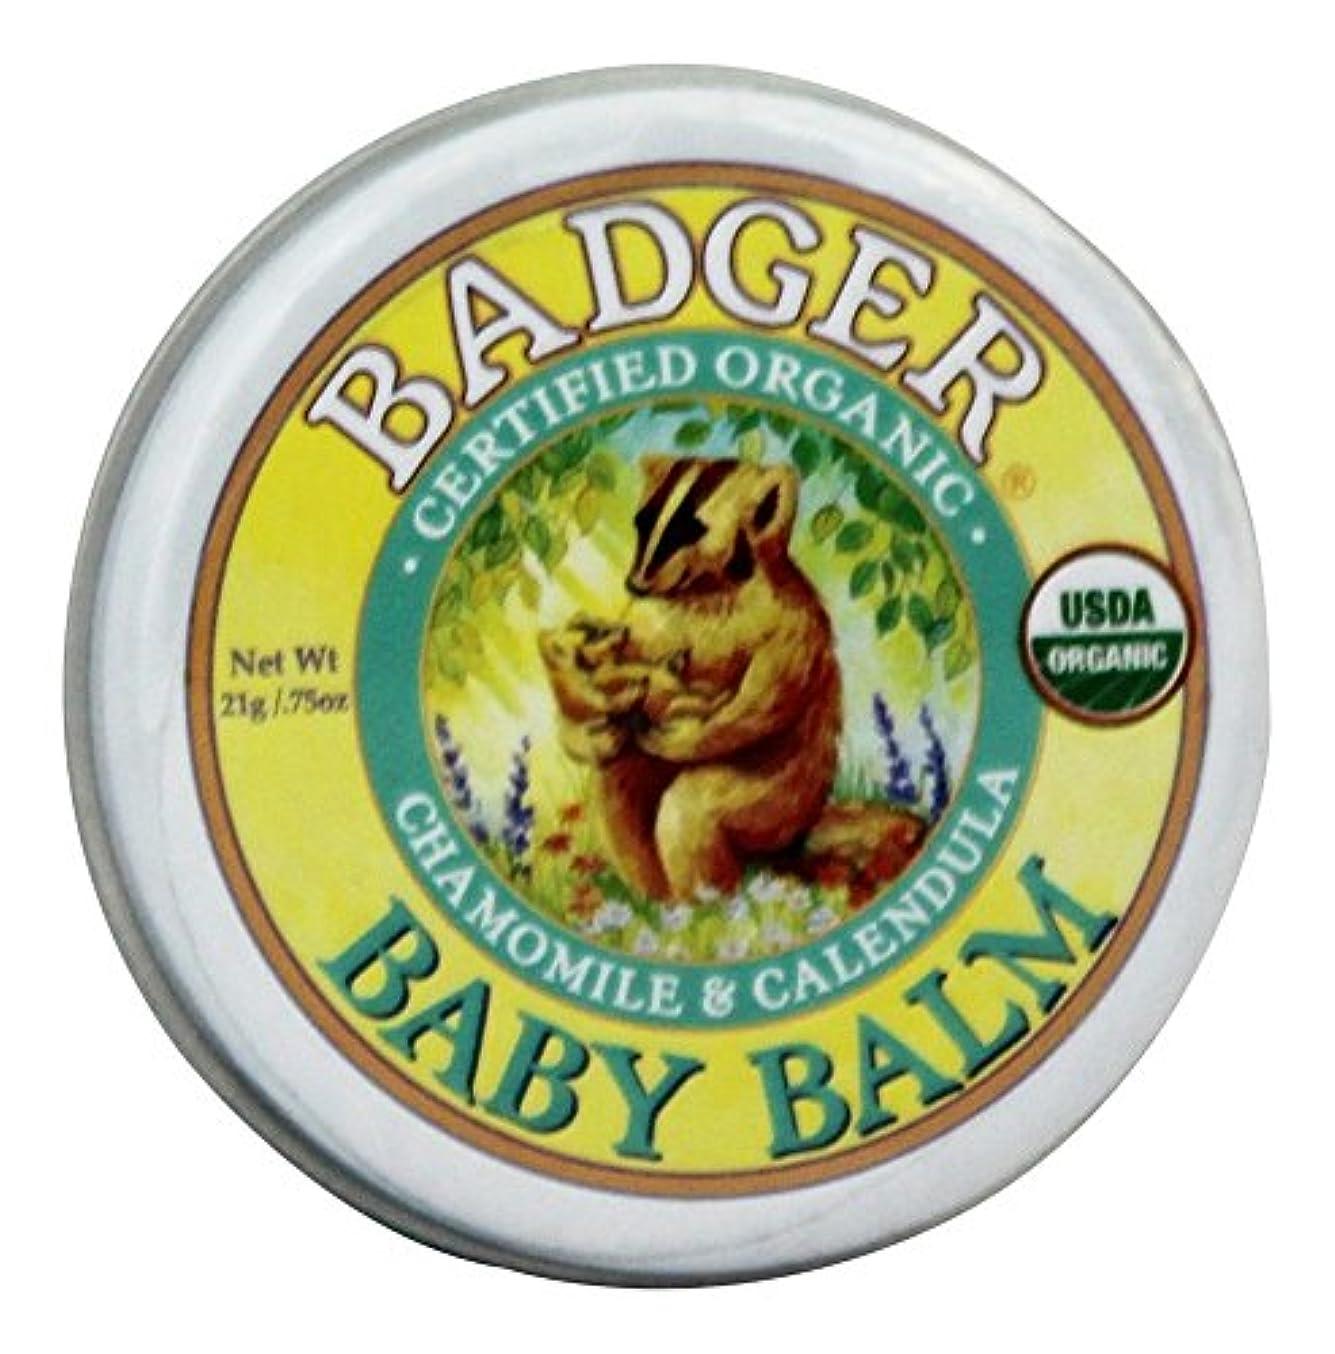 バンケット用心ピースBadger - 赤ん坊の香油のChamomile及びCalendula - 0.75ポンド [並行輸入品]